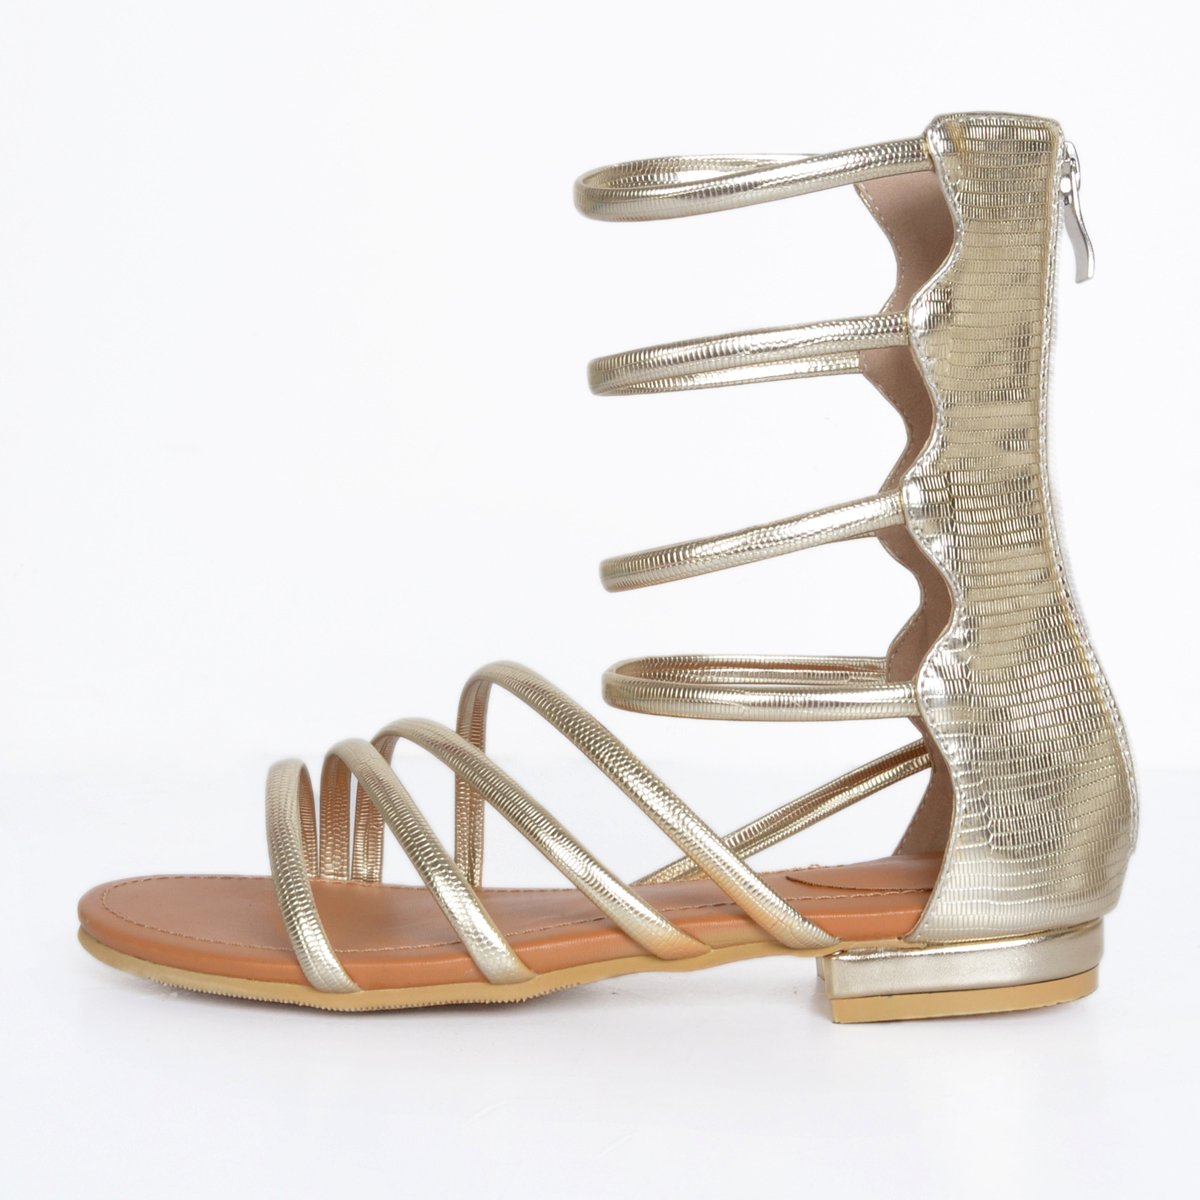 Kolnoo Damen Handgefertigte Riemen Riemen Handgefertigte Sexy Sommer Wohnungen Sandalen Einfache Tägliche Schuhe Gold 84a4ef